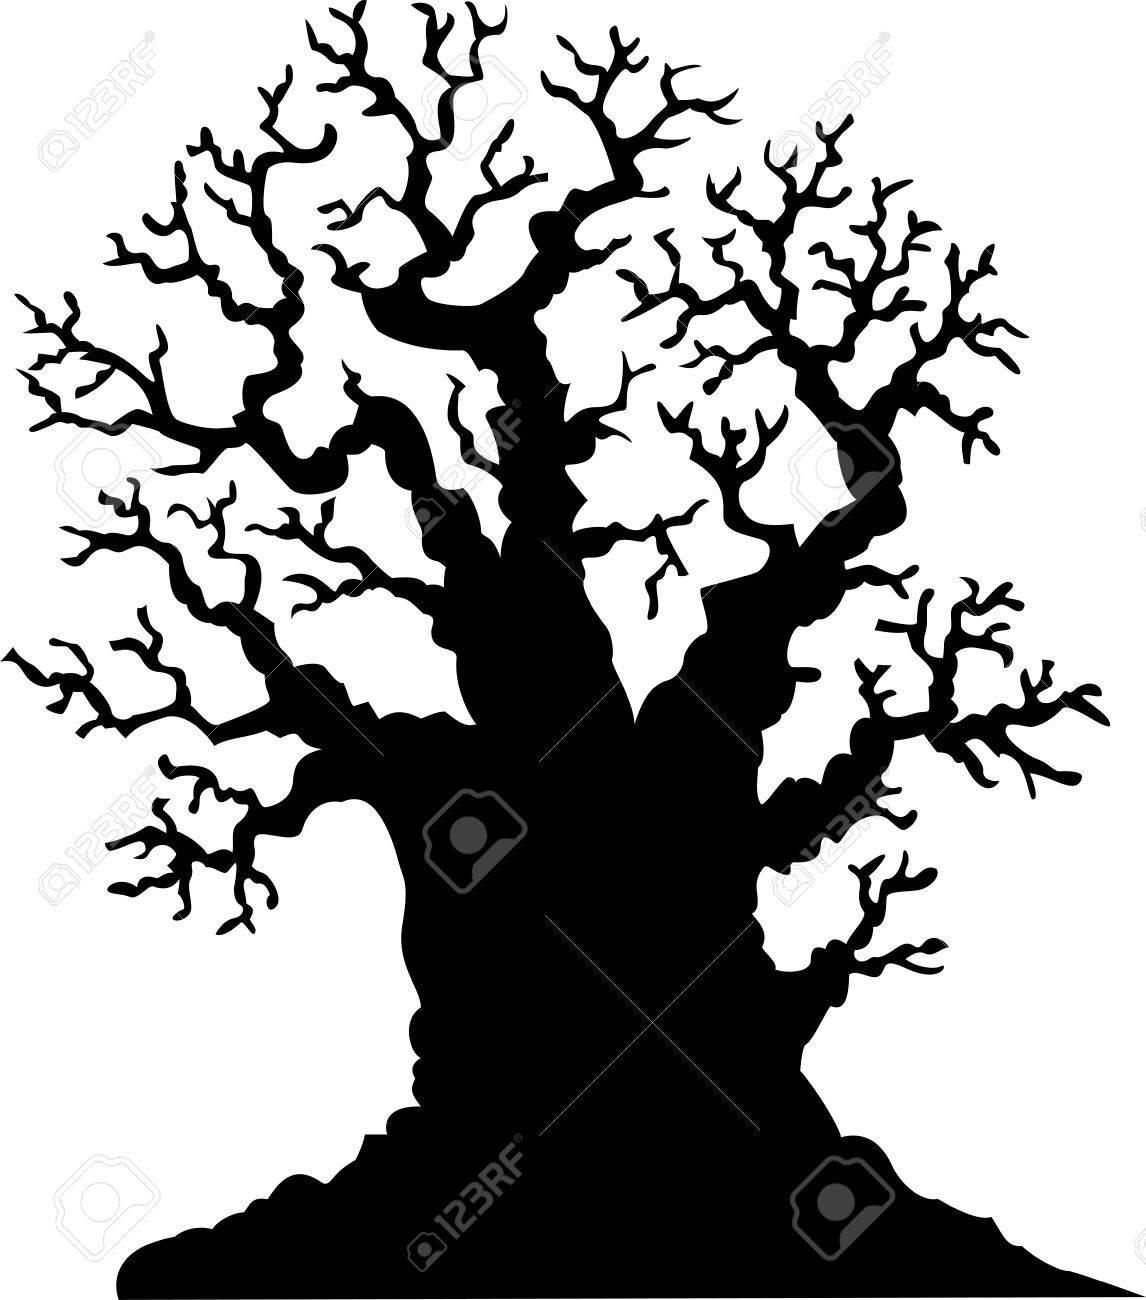 Silueta De árbol Sin Hojas De Roble De Dibujos Animados